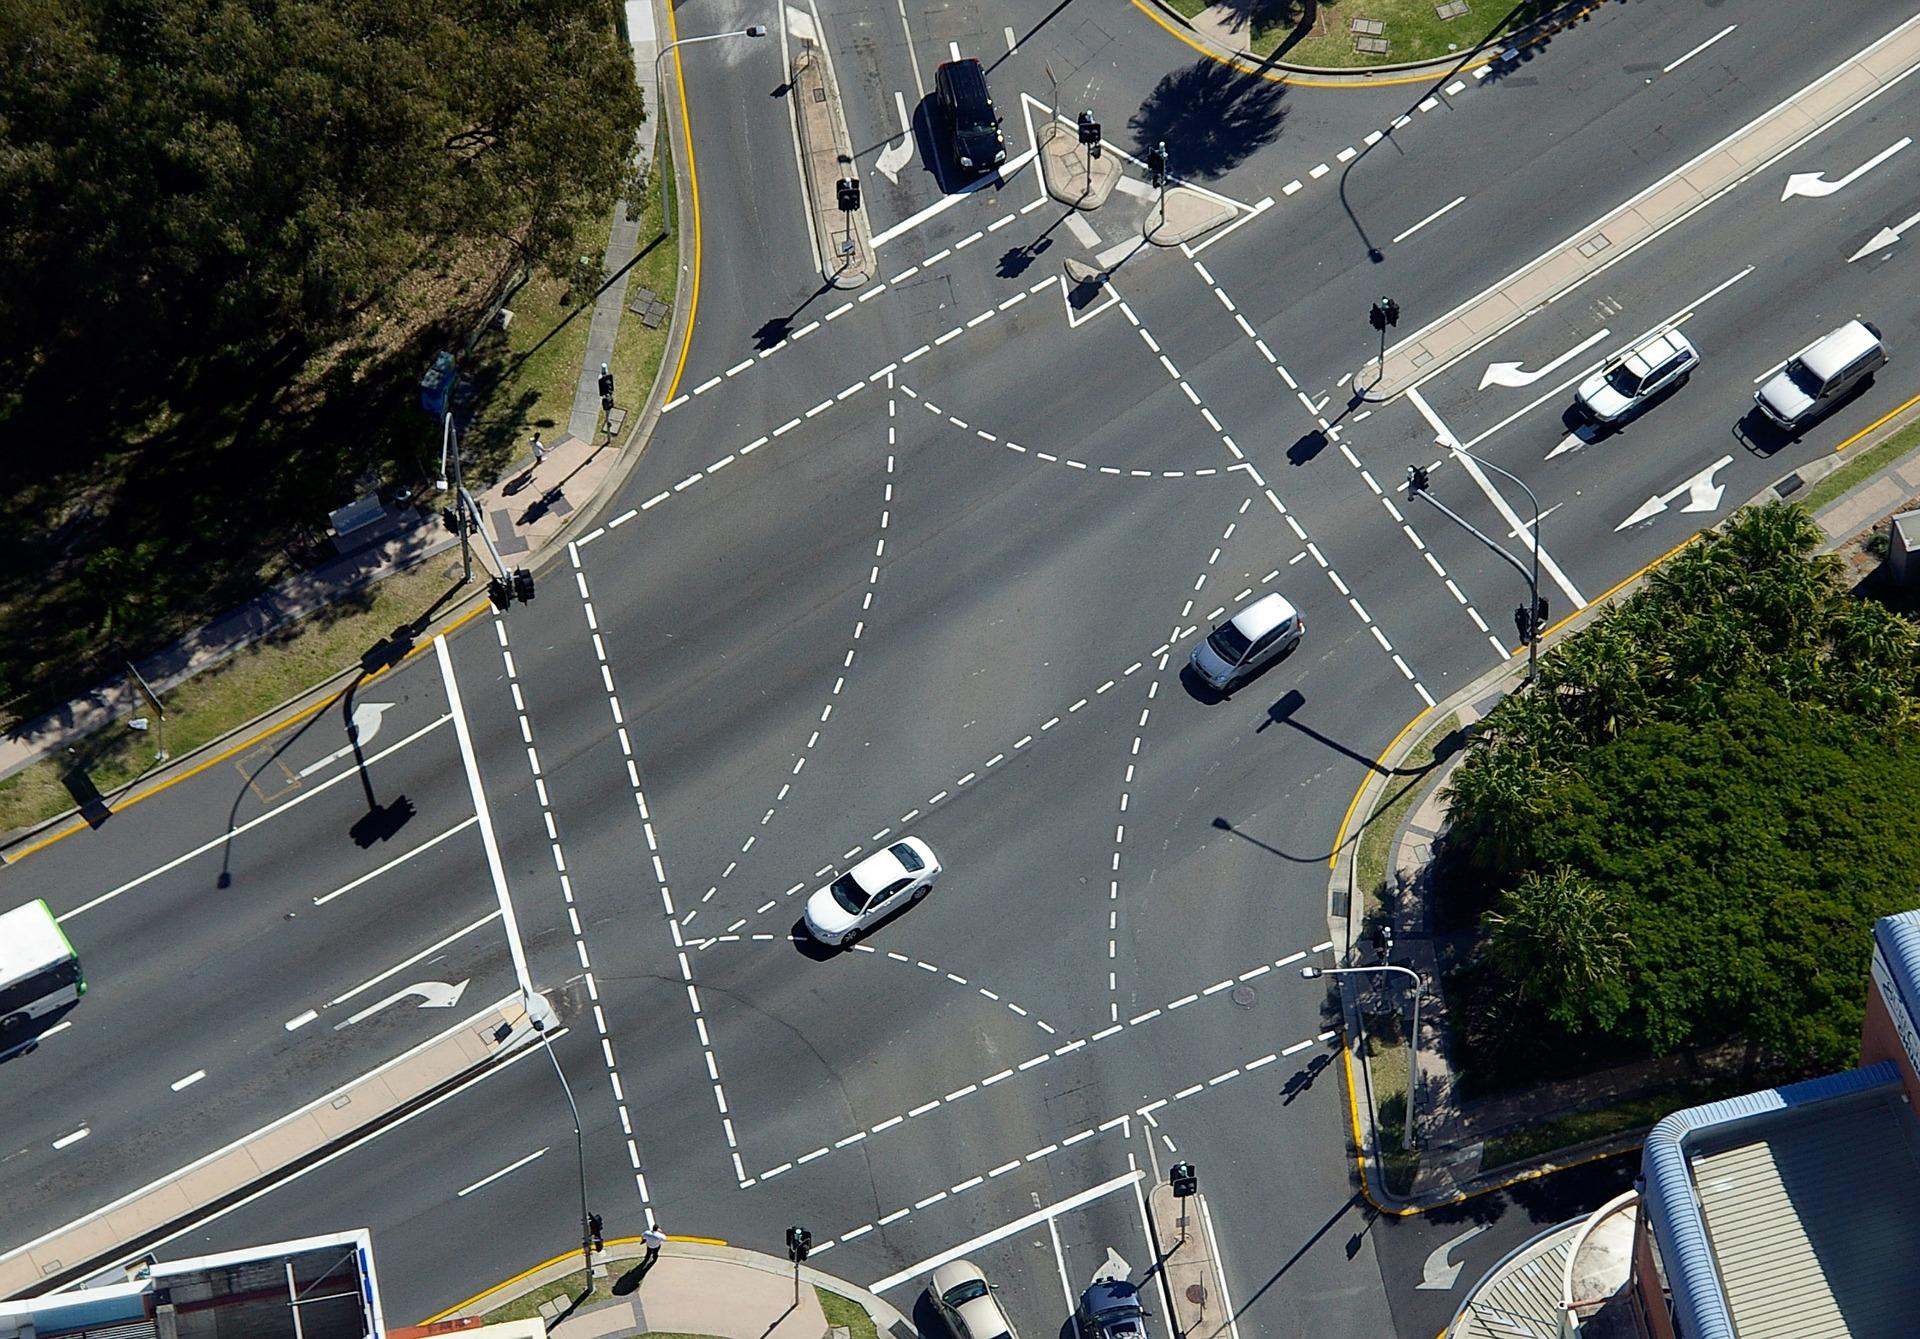 Pregiudizi e sicurezza al volante